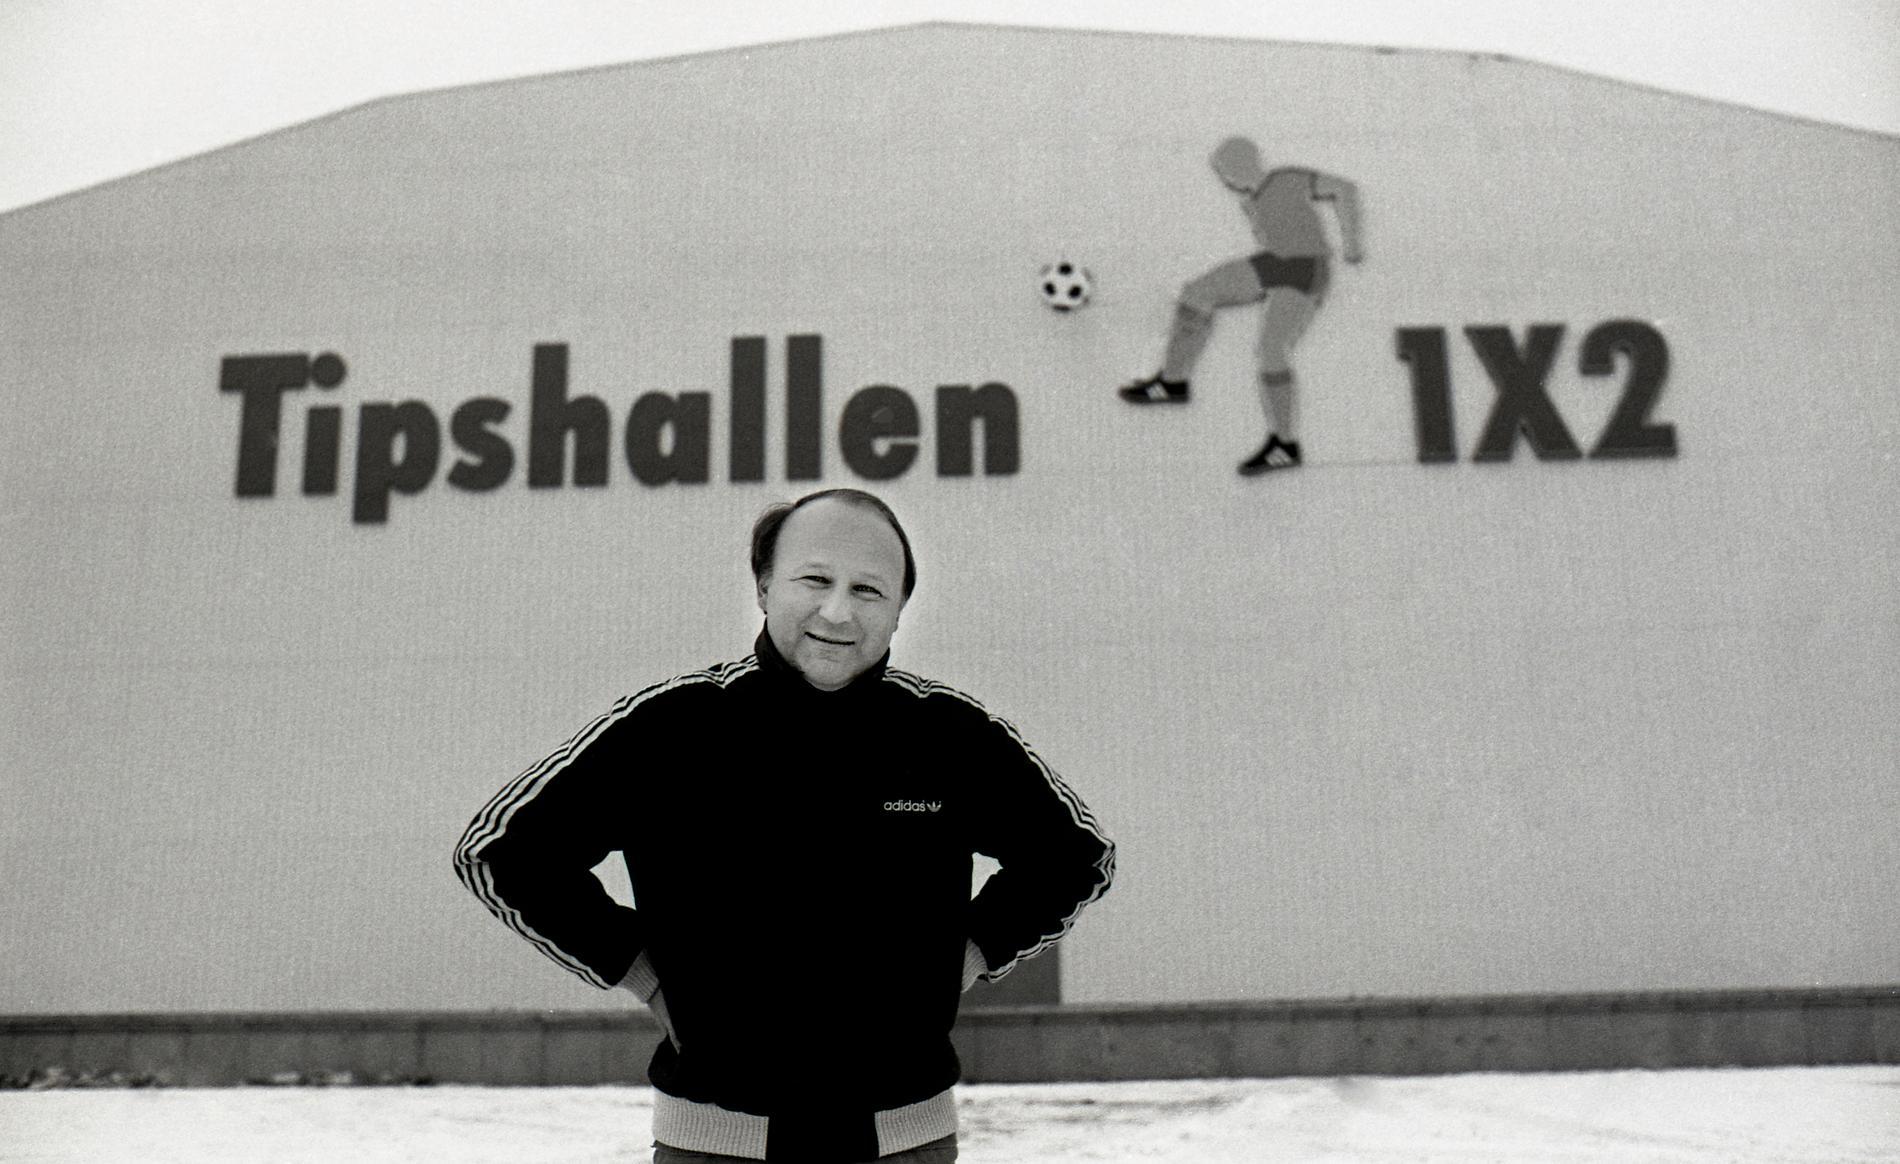 Lars-Åke Lagrell utanför Tipshallen i Jönköping 1984.